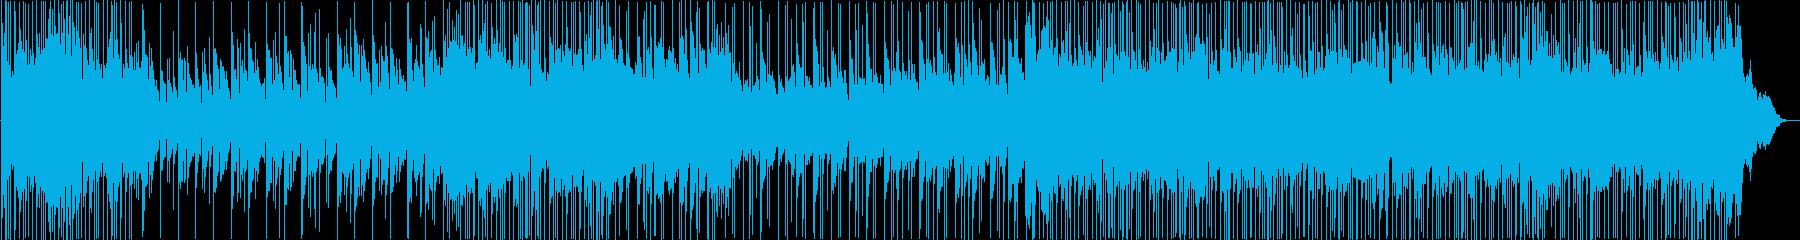 ポップソング。歌として。ビーチで。の再生済みの波形